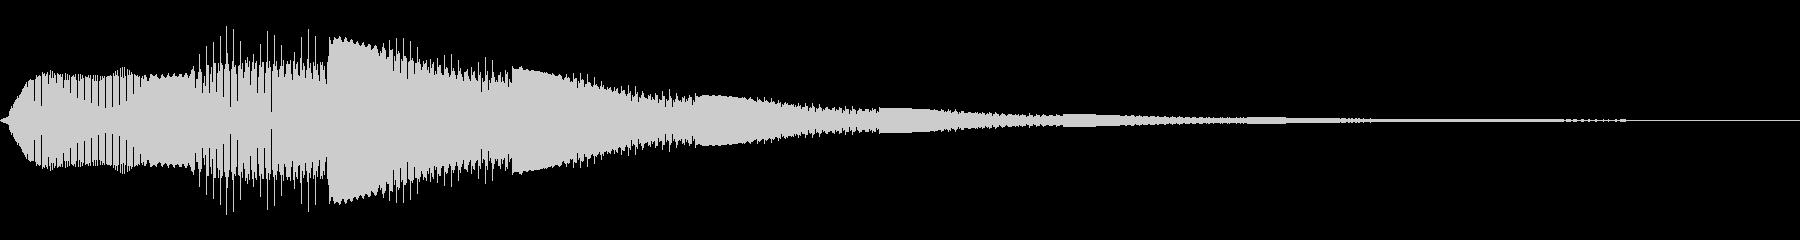 電子的な決定音の未再生の波形